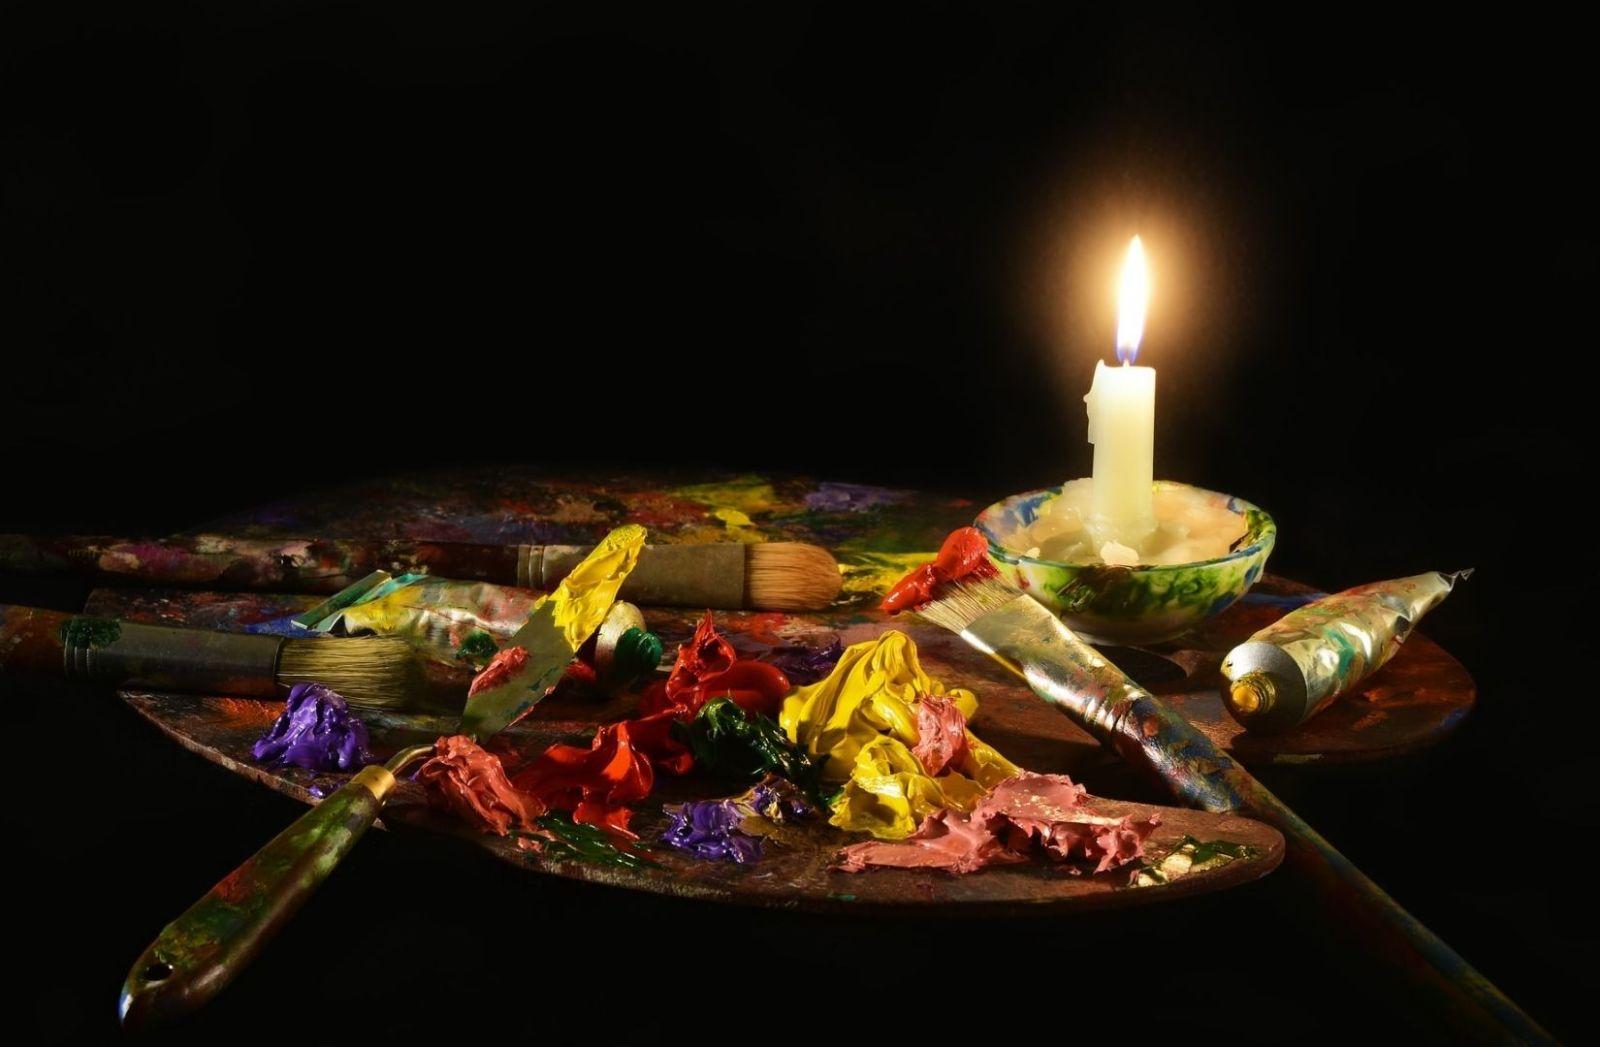 Kampf mit Pinsel und Farbe als Symbol für Universalität. (Foto: David Clode, Unsplash.com)